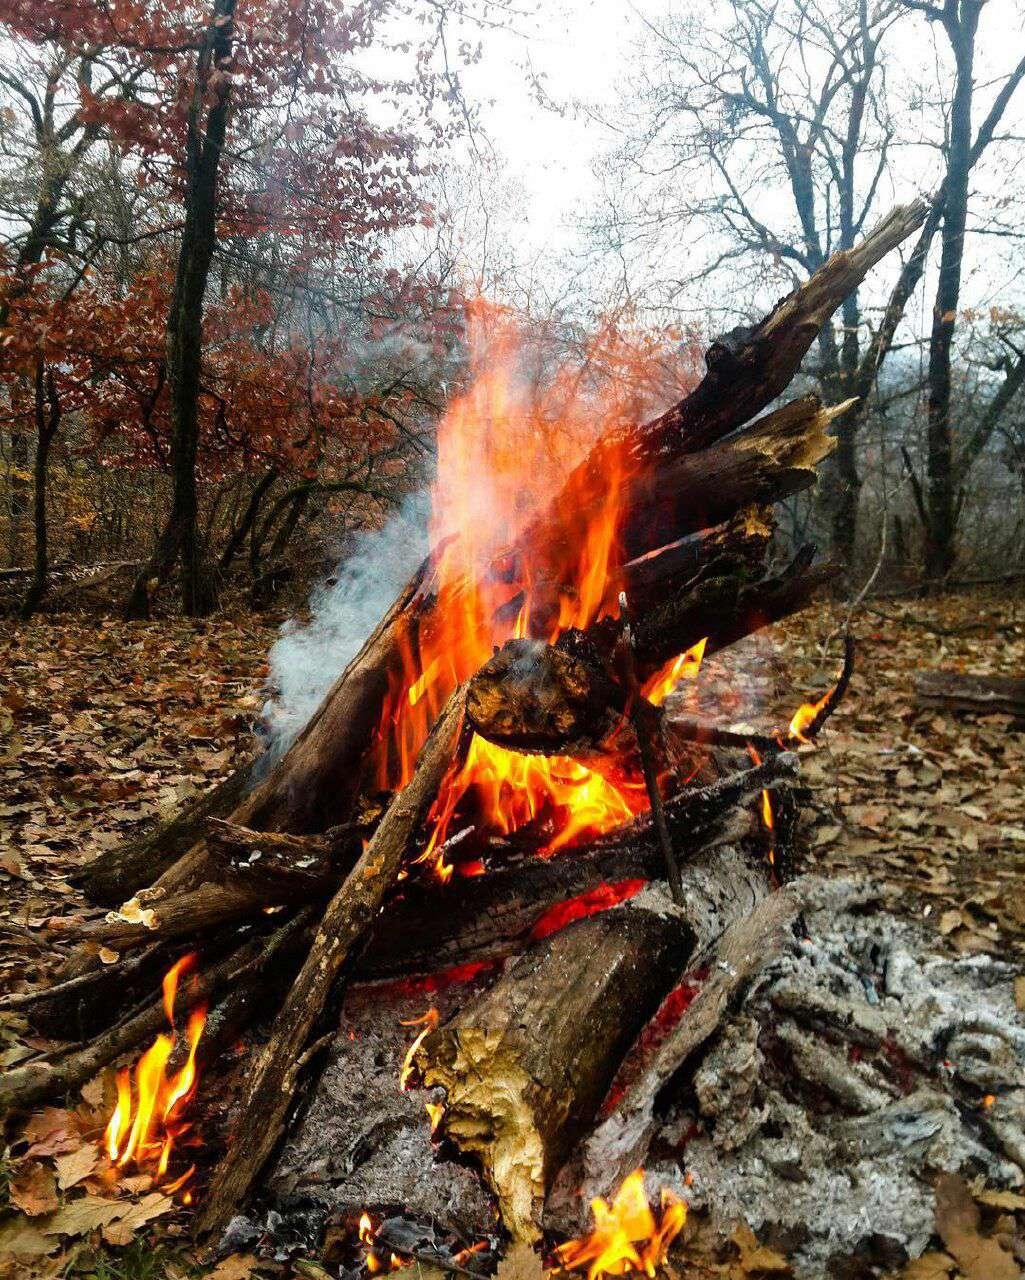 آتش در جنگل پاییزی